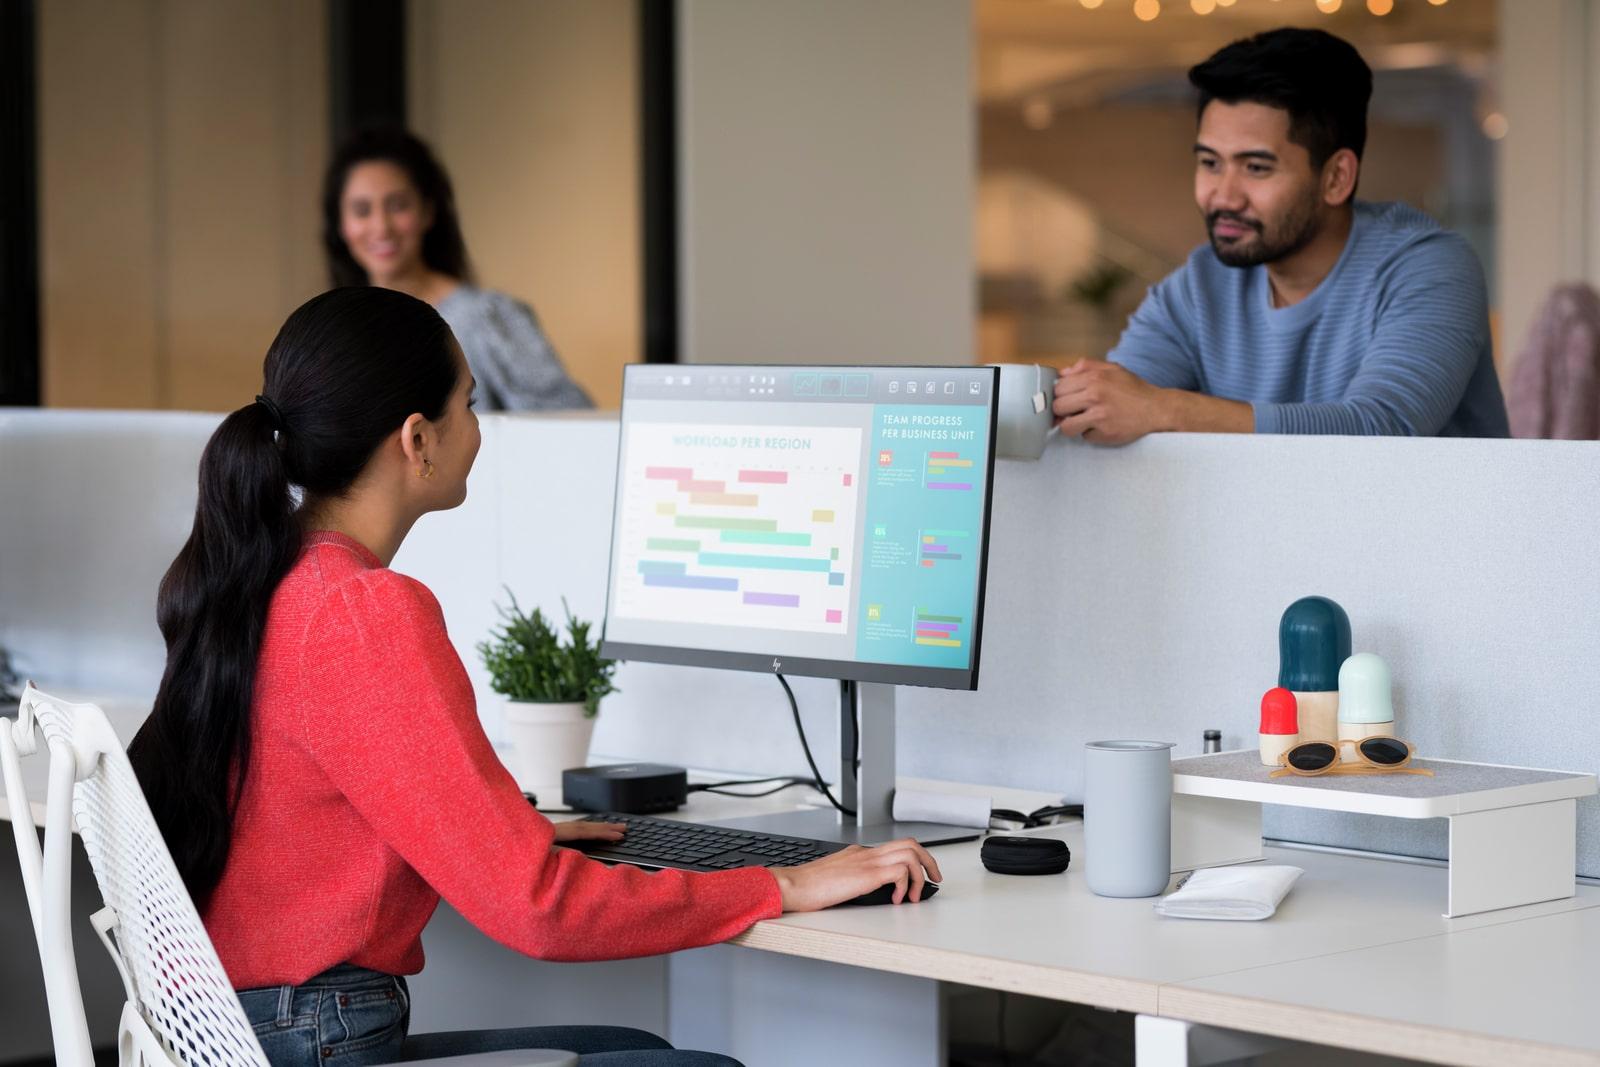 HP EliteDisplay E24 G4 in modern office